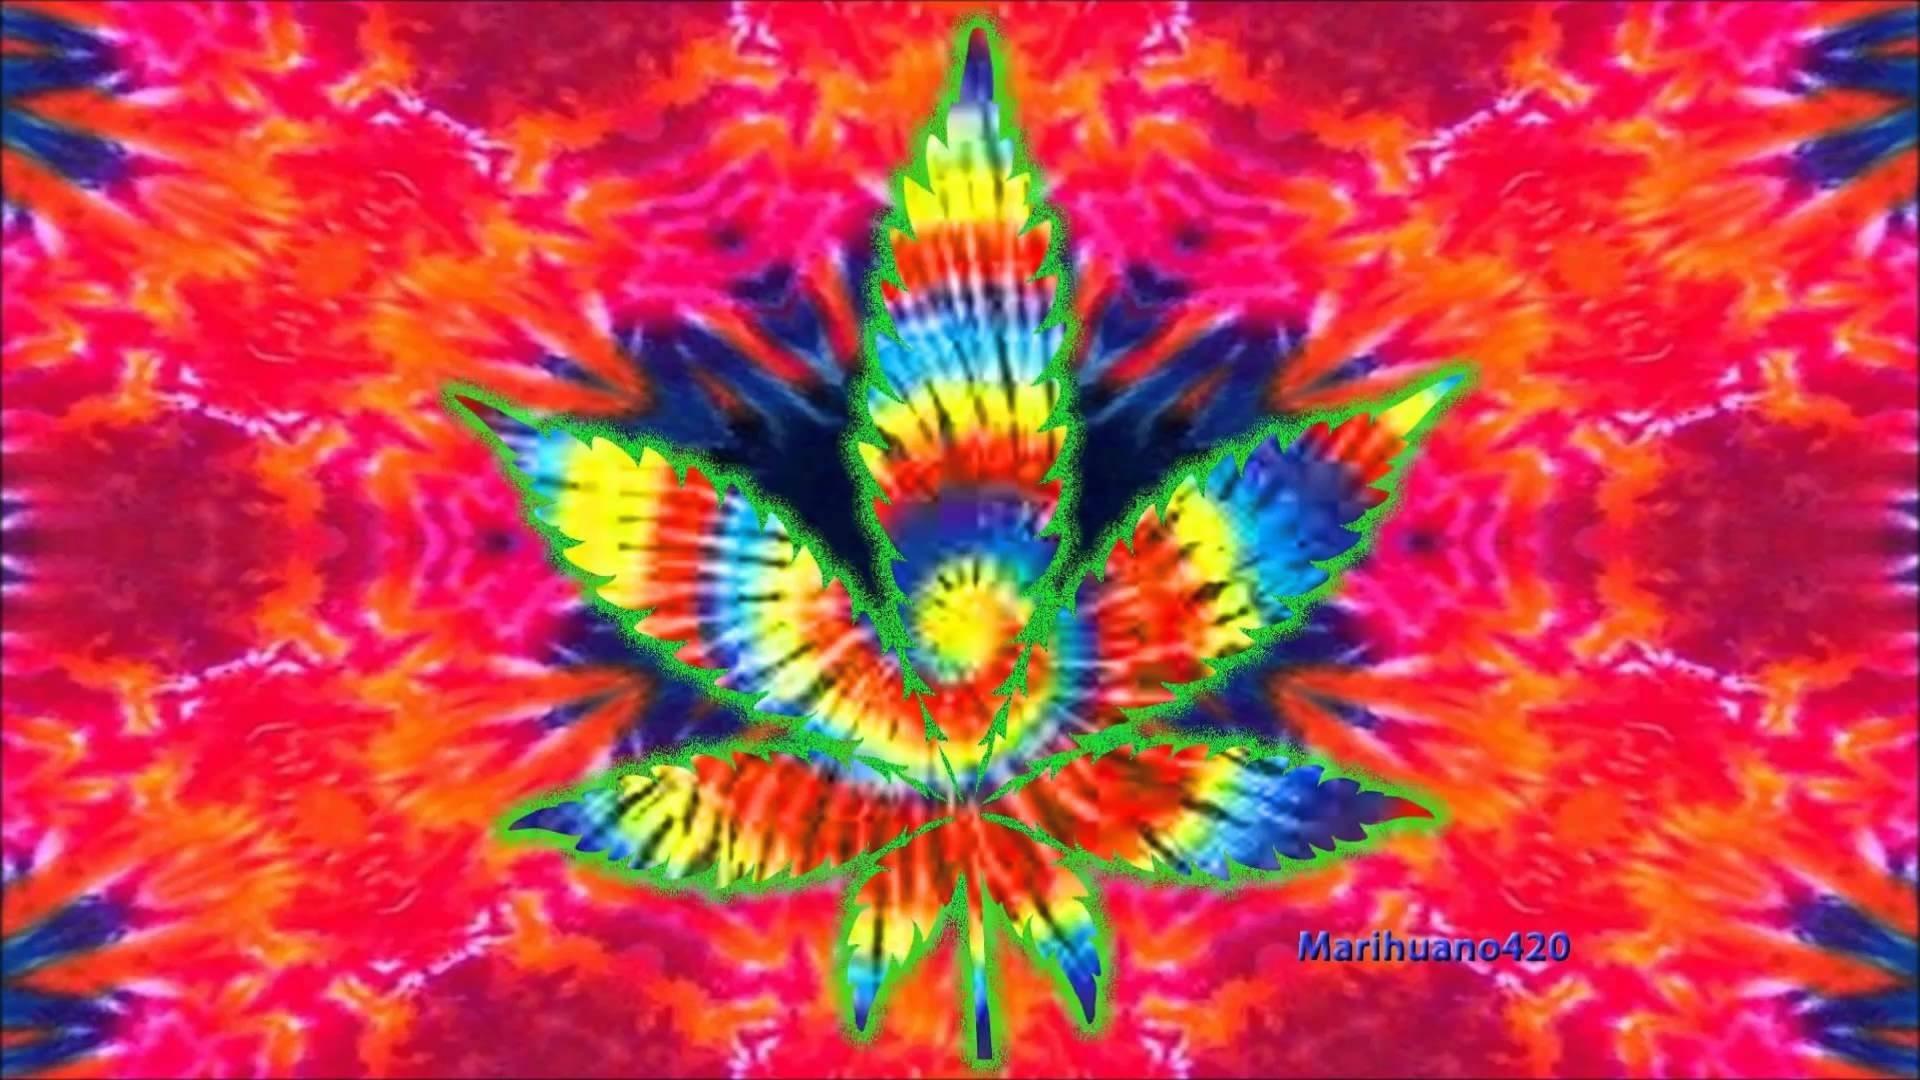 Artistic – Marijuana Artistic Psychedelic Colors Wallpaper